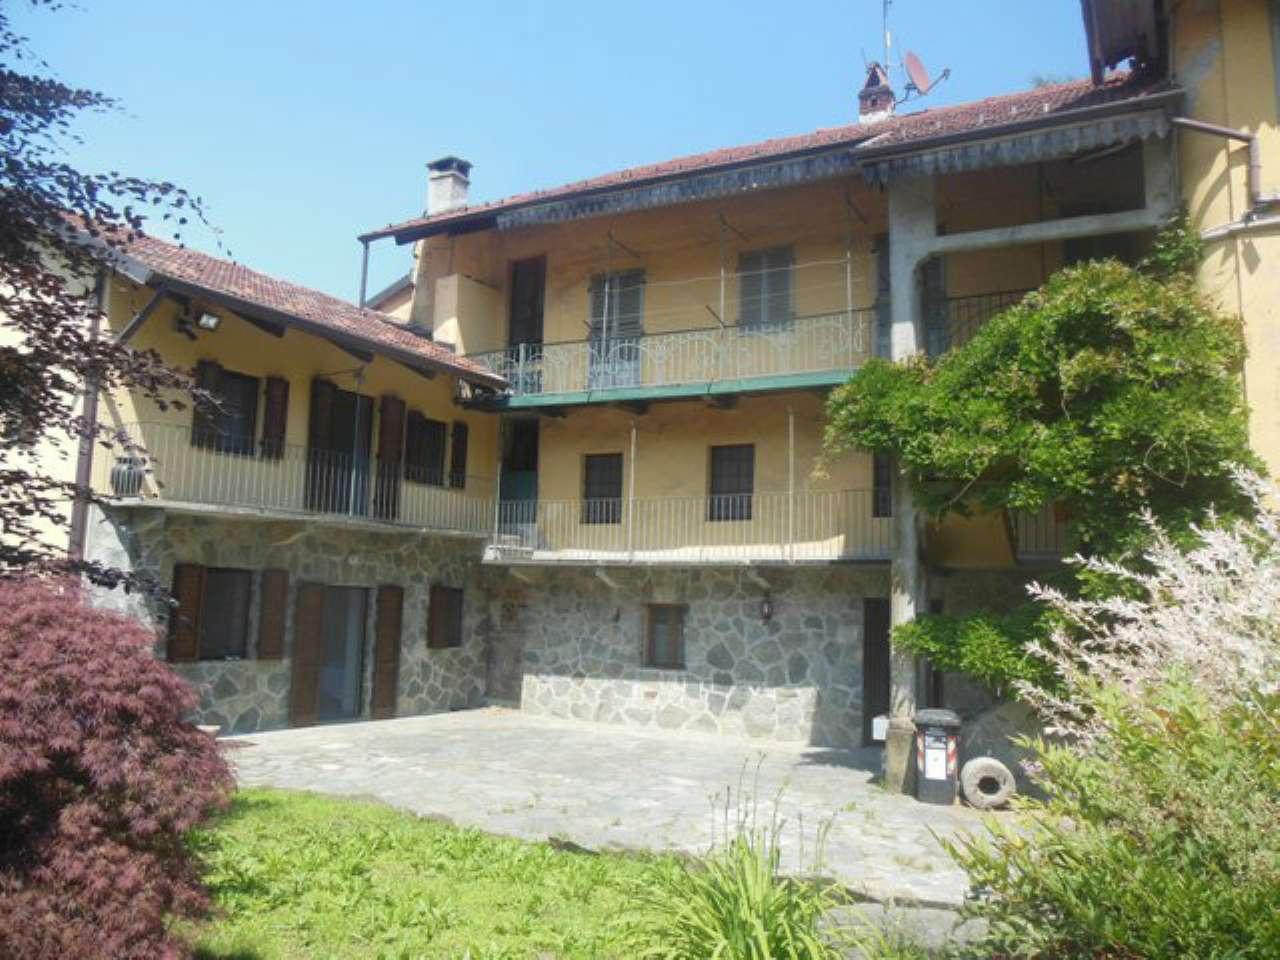 Rustico / Casale in vendita a Rocca Canavese, 12 locali, prezzo € 385.000 | CambioCasa.it